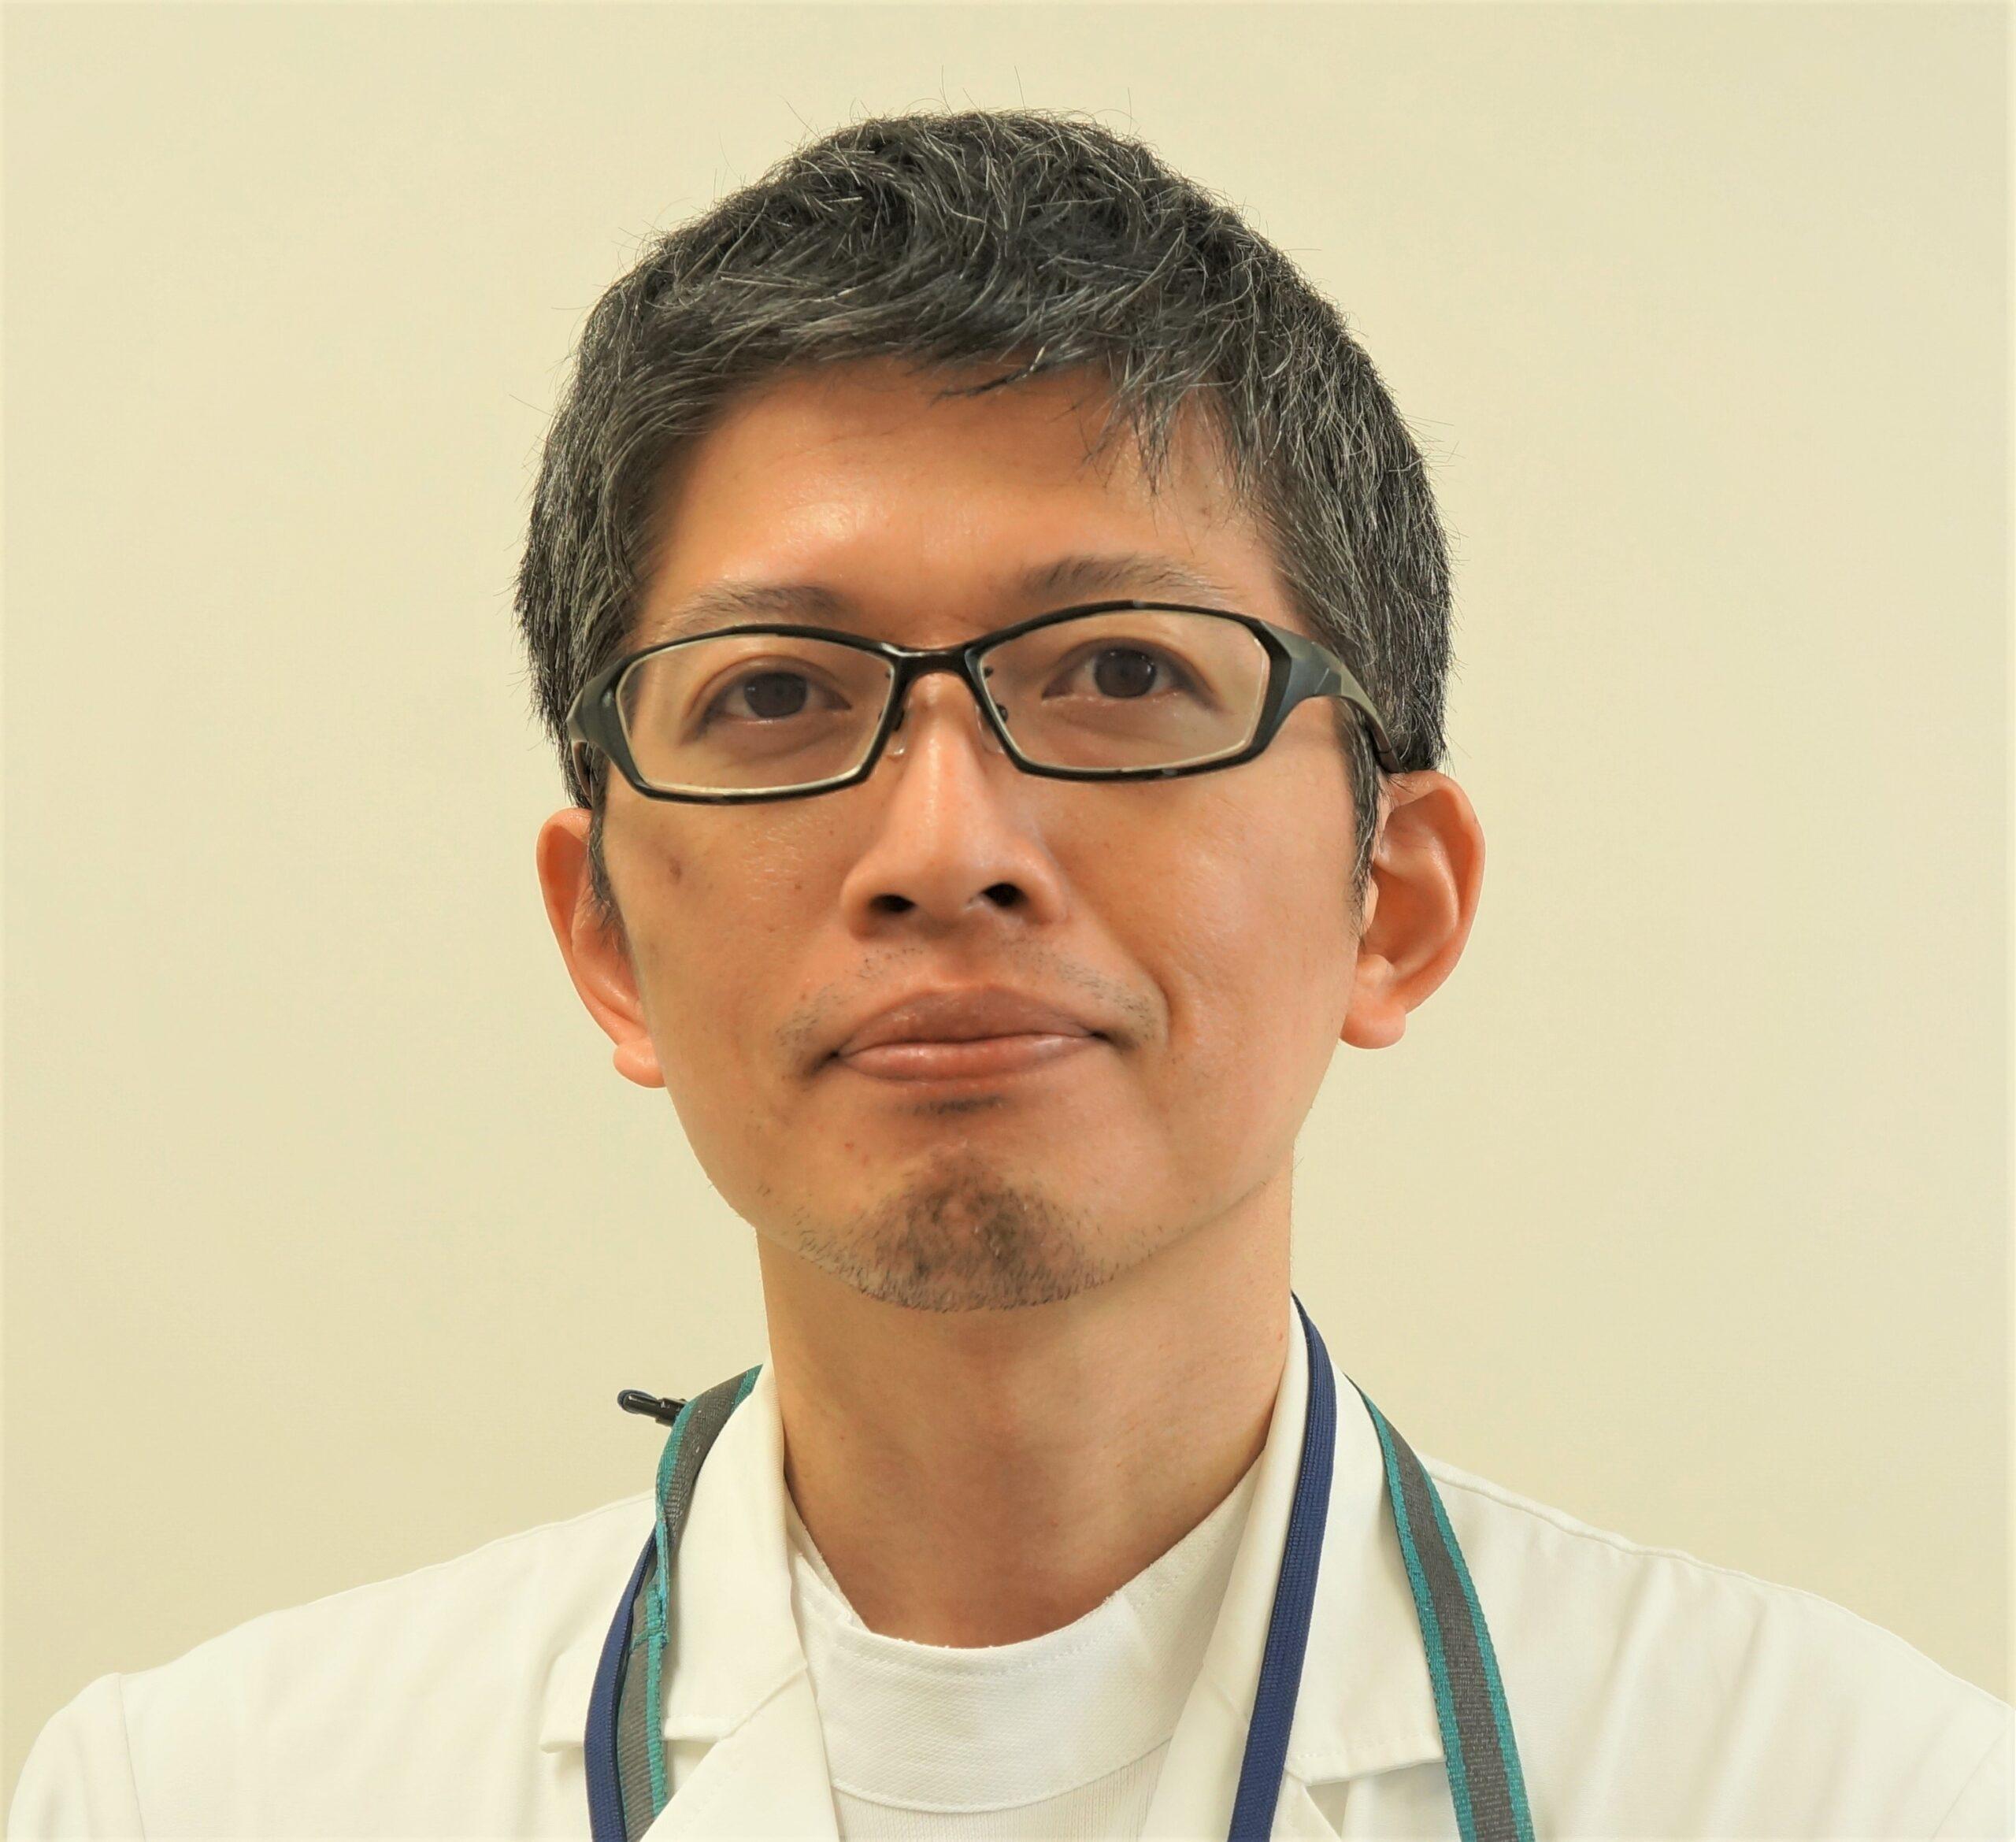 Atsushi Furuichi